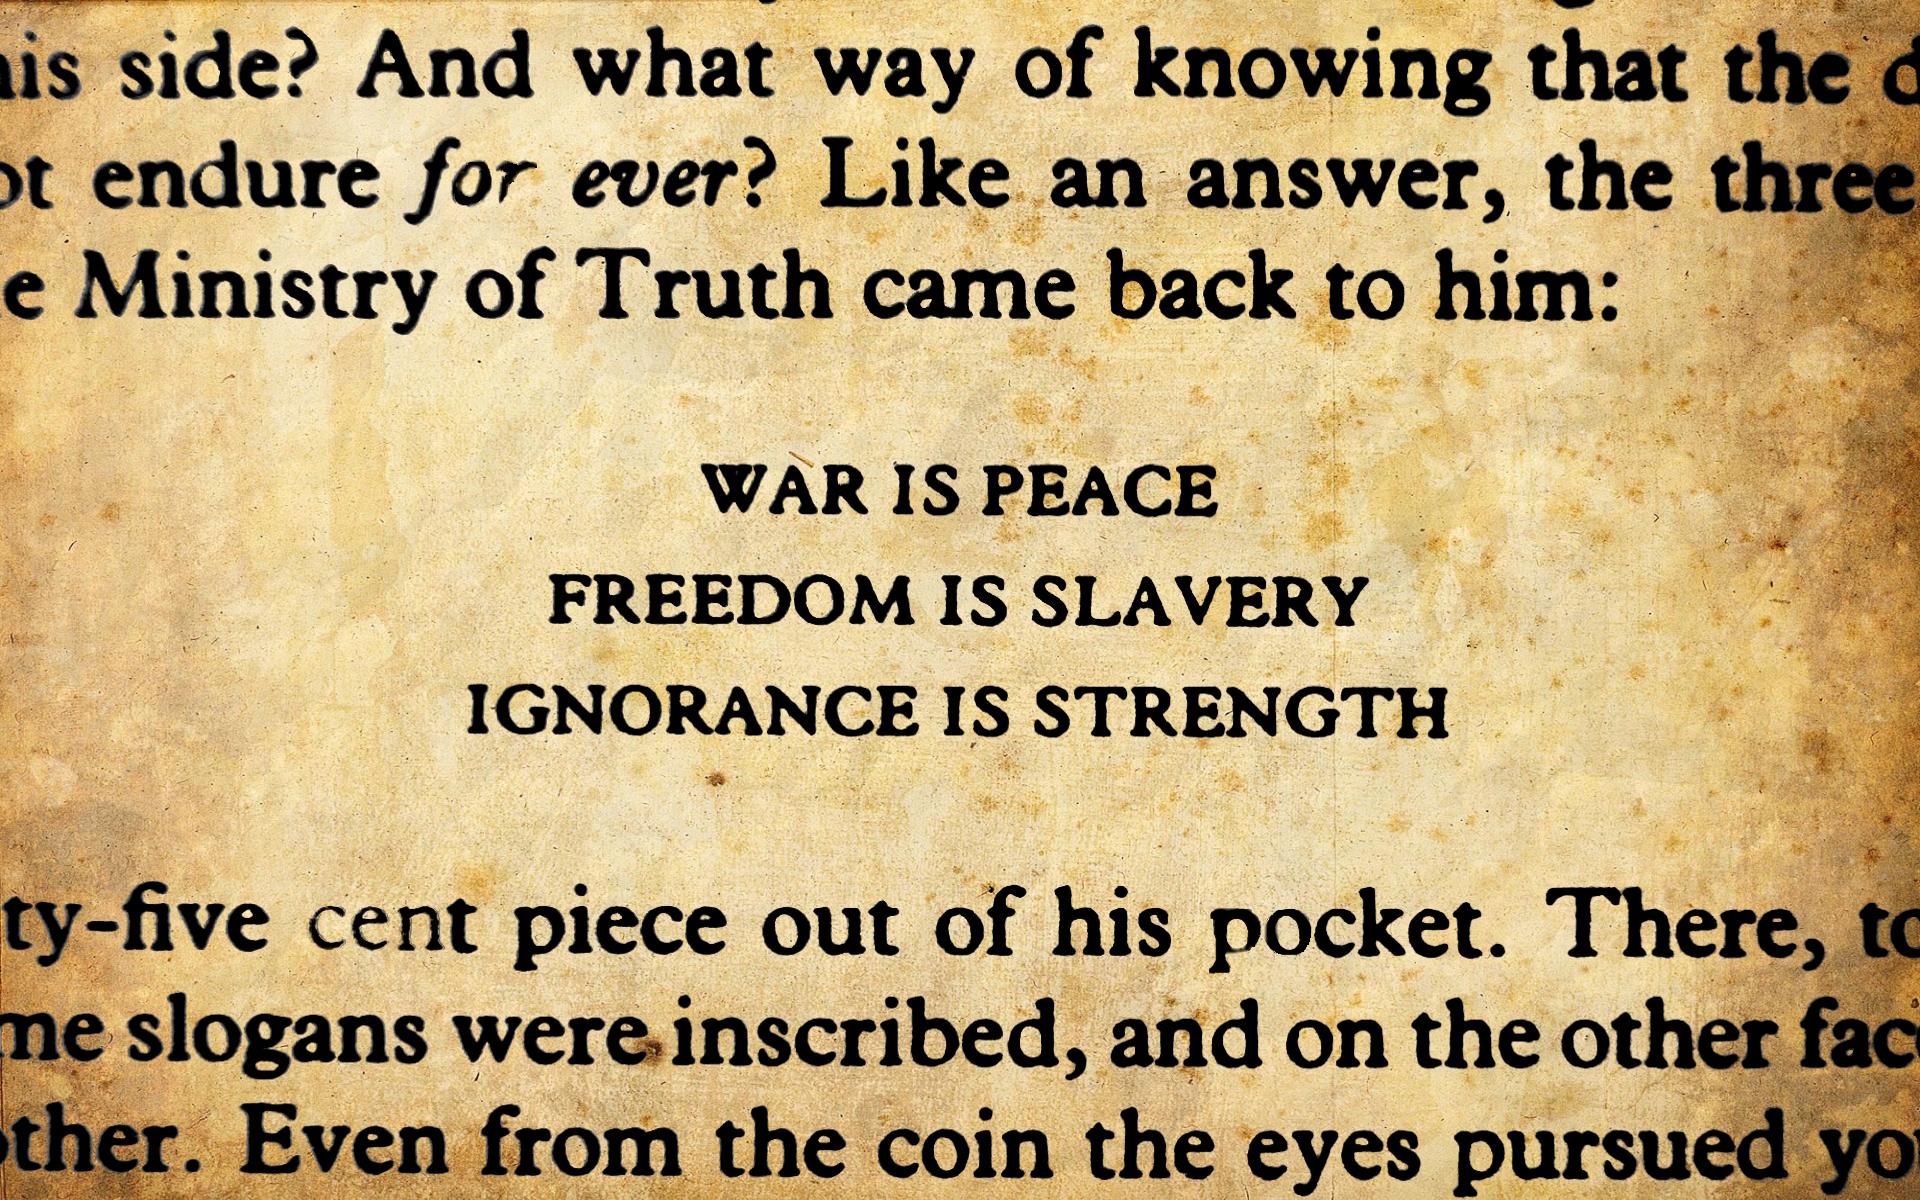 george orwell 1984 essay